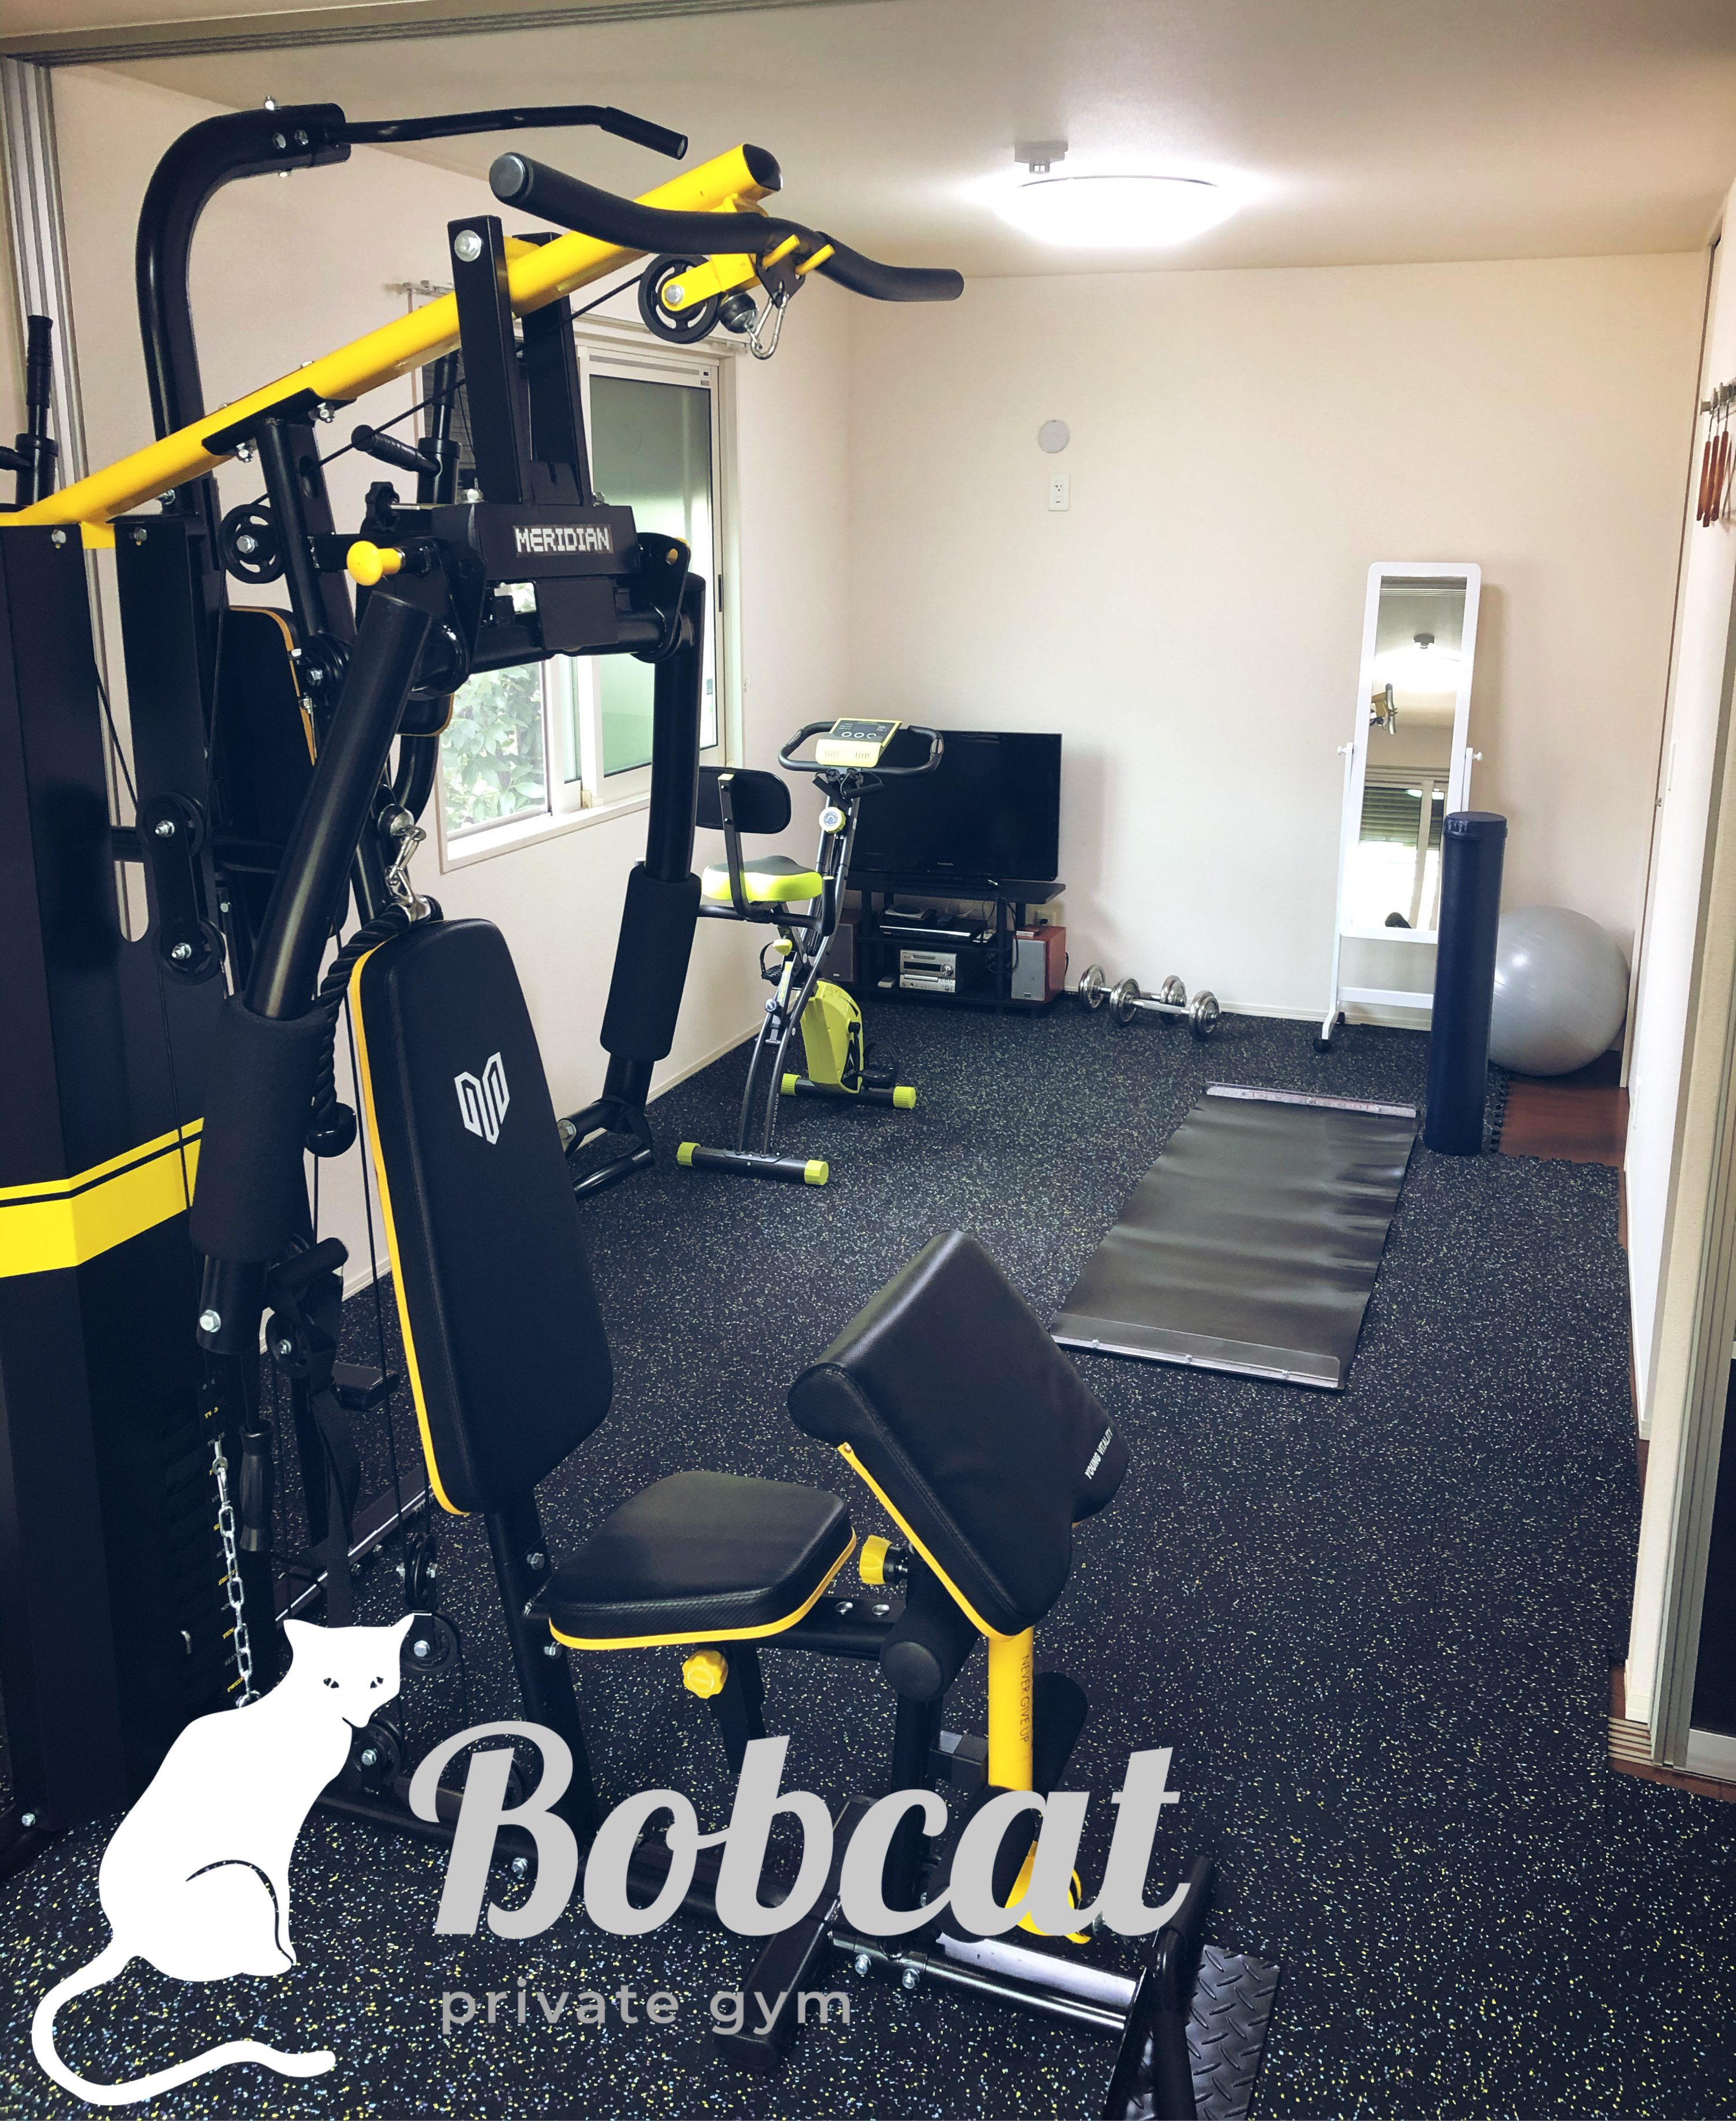 寝屋川市の完全個室ジム【Bobcat】レンタル、パーソナルトレーニング